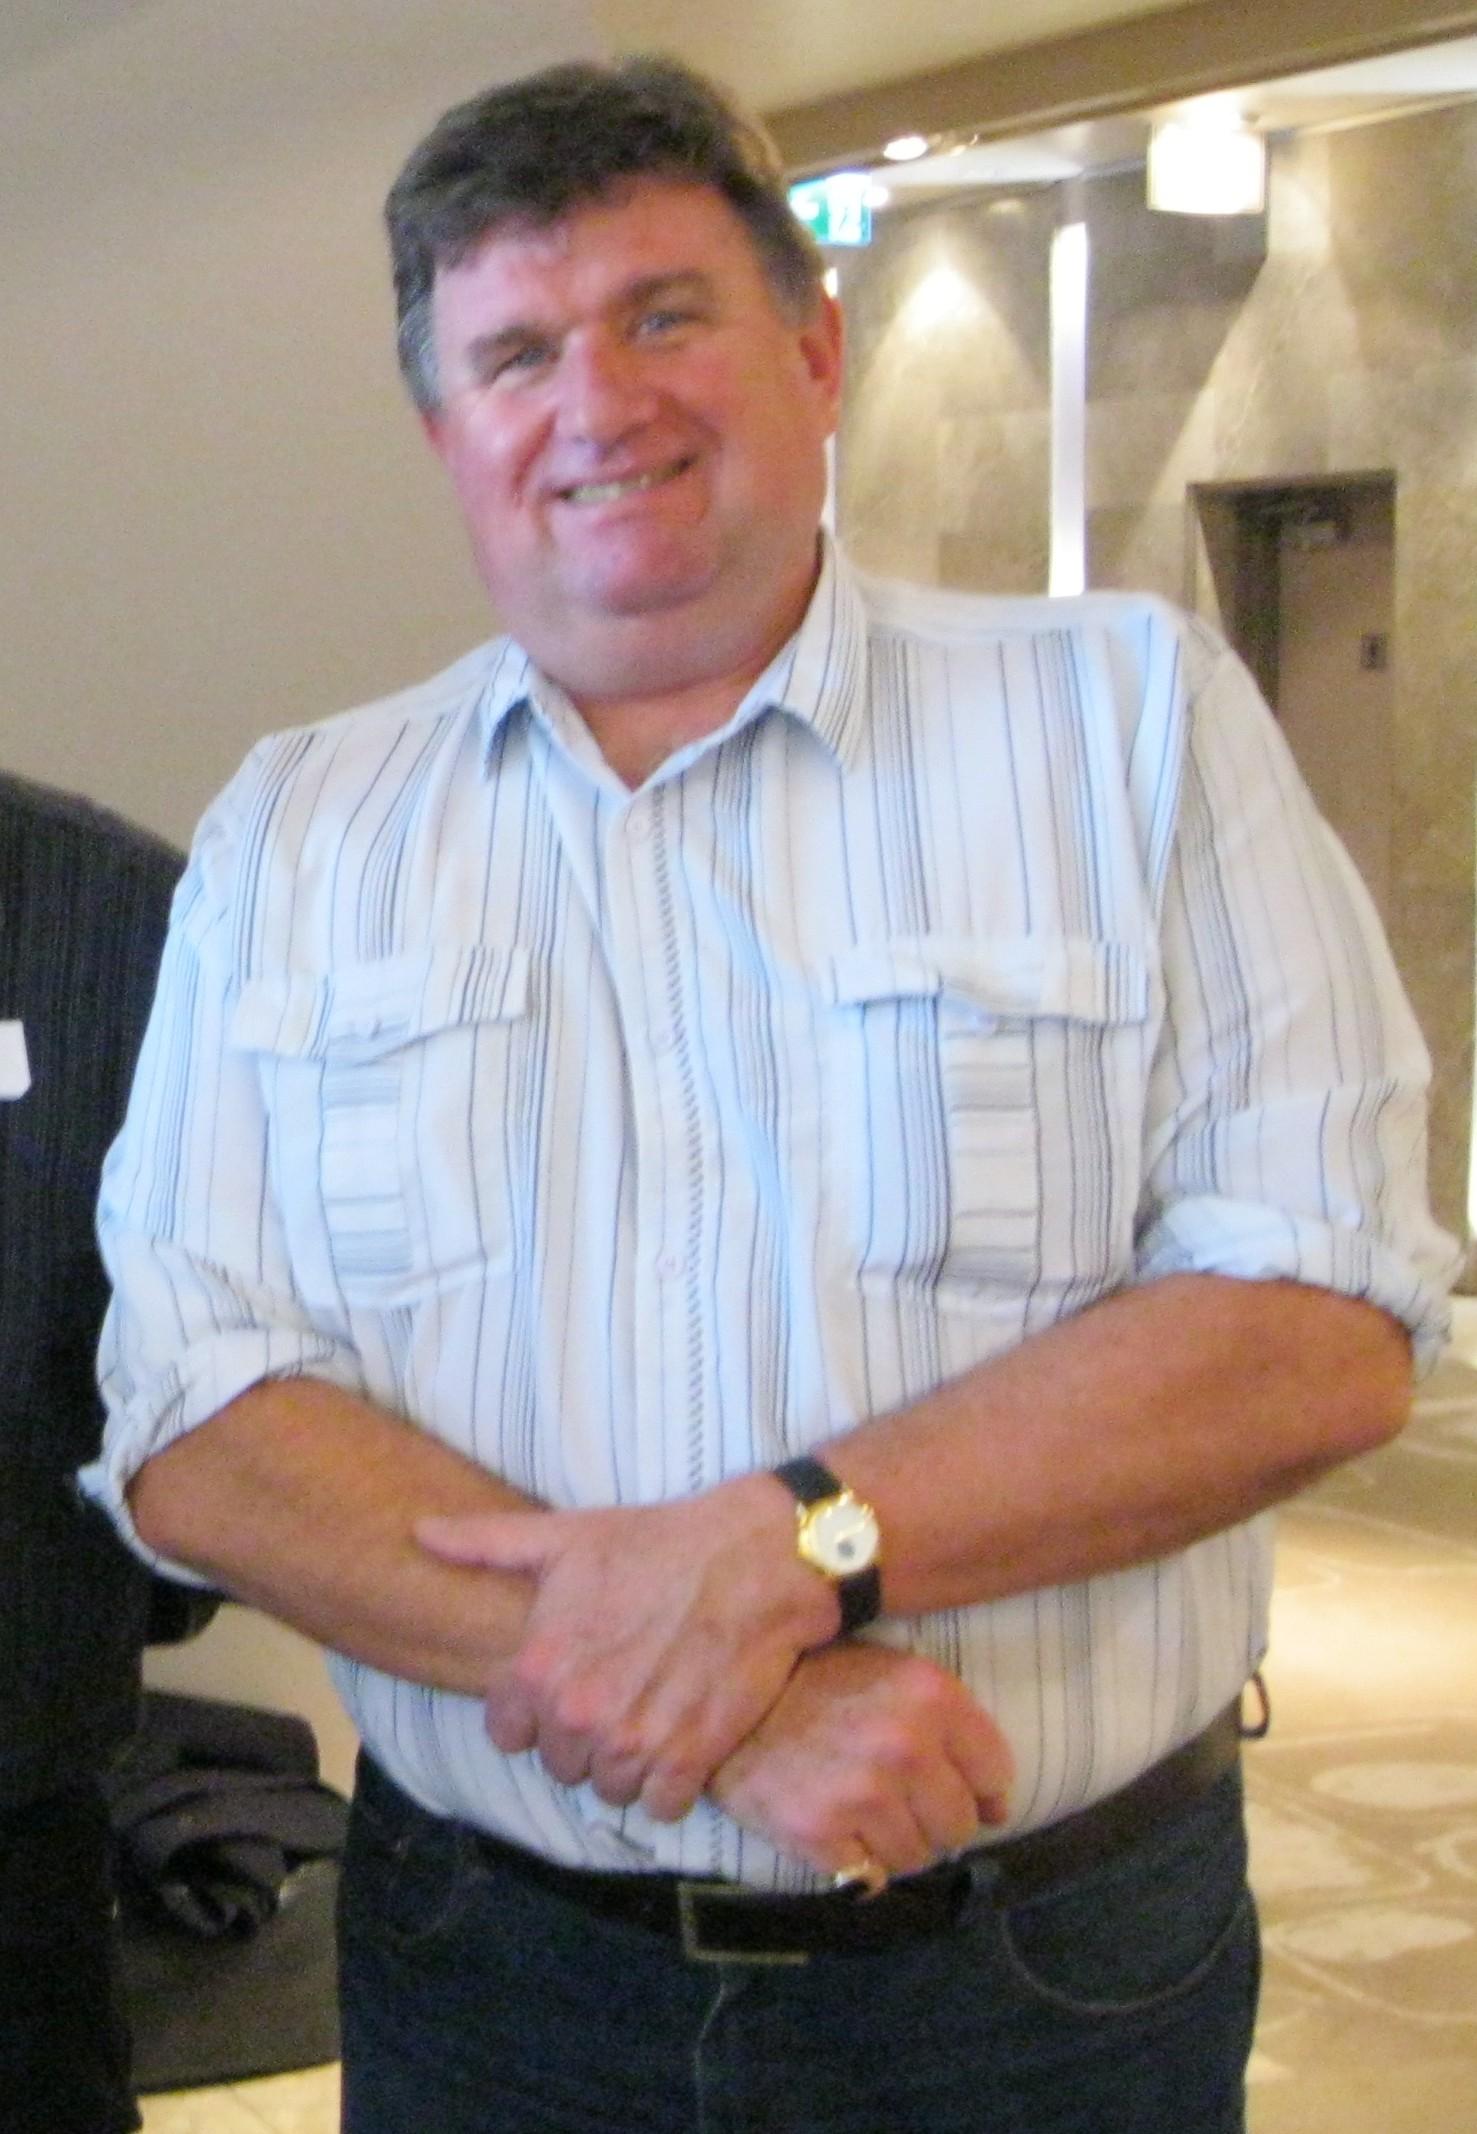 Stephen Thomas CONROY 4 - NSWPF - Died 3 February 2015